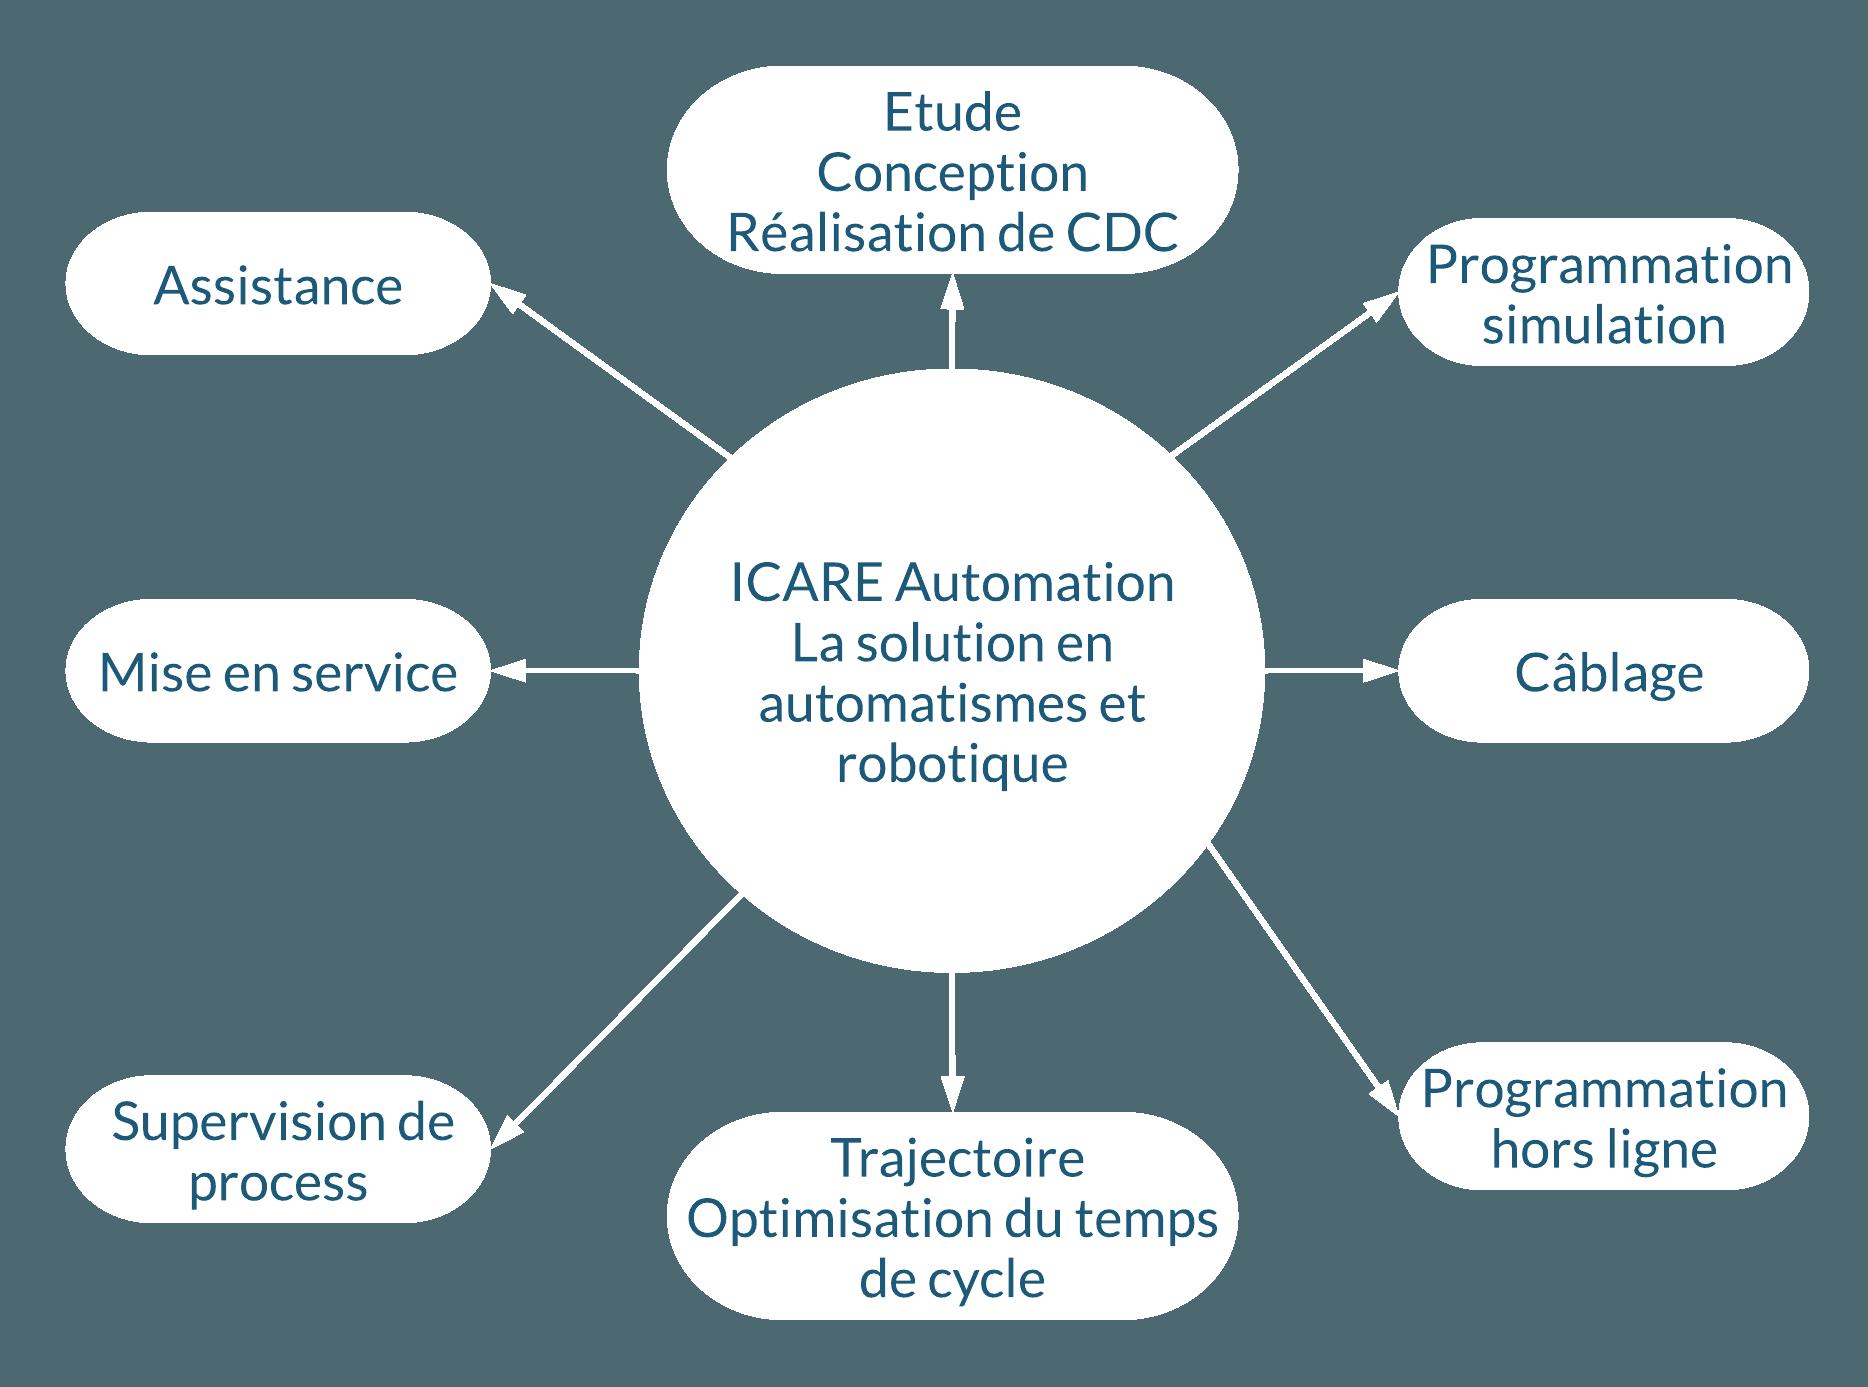 La Solution en automatismes et robotique